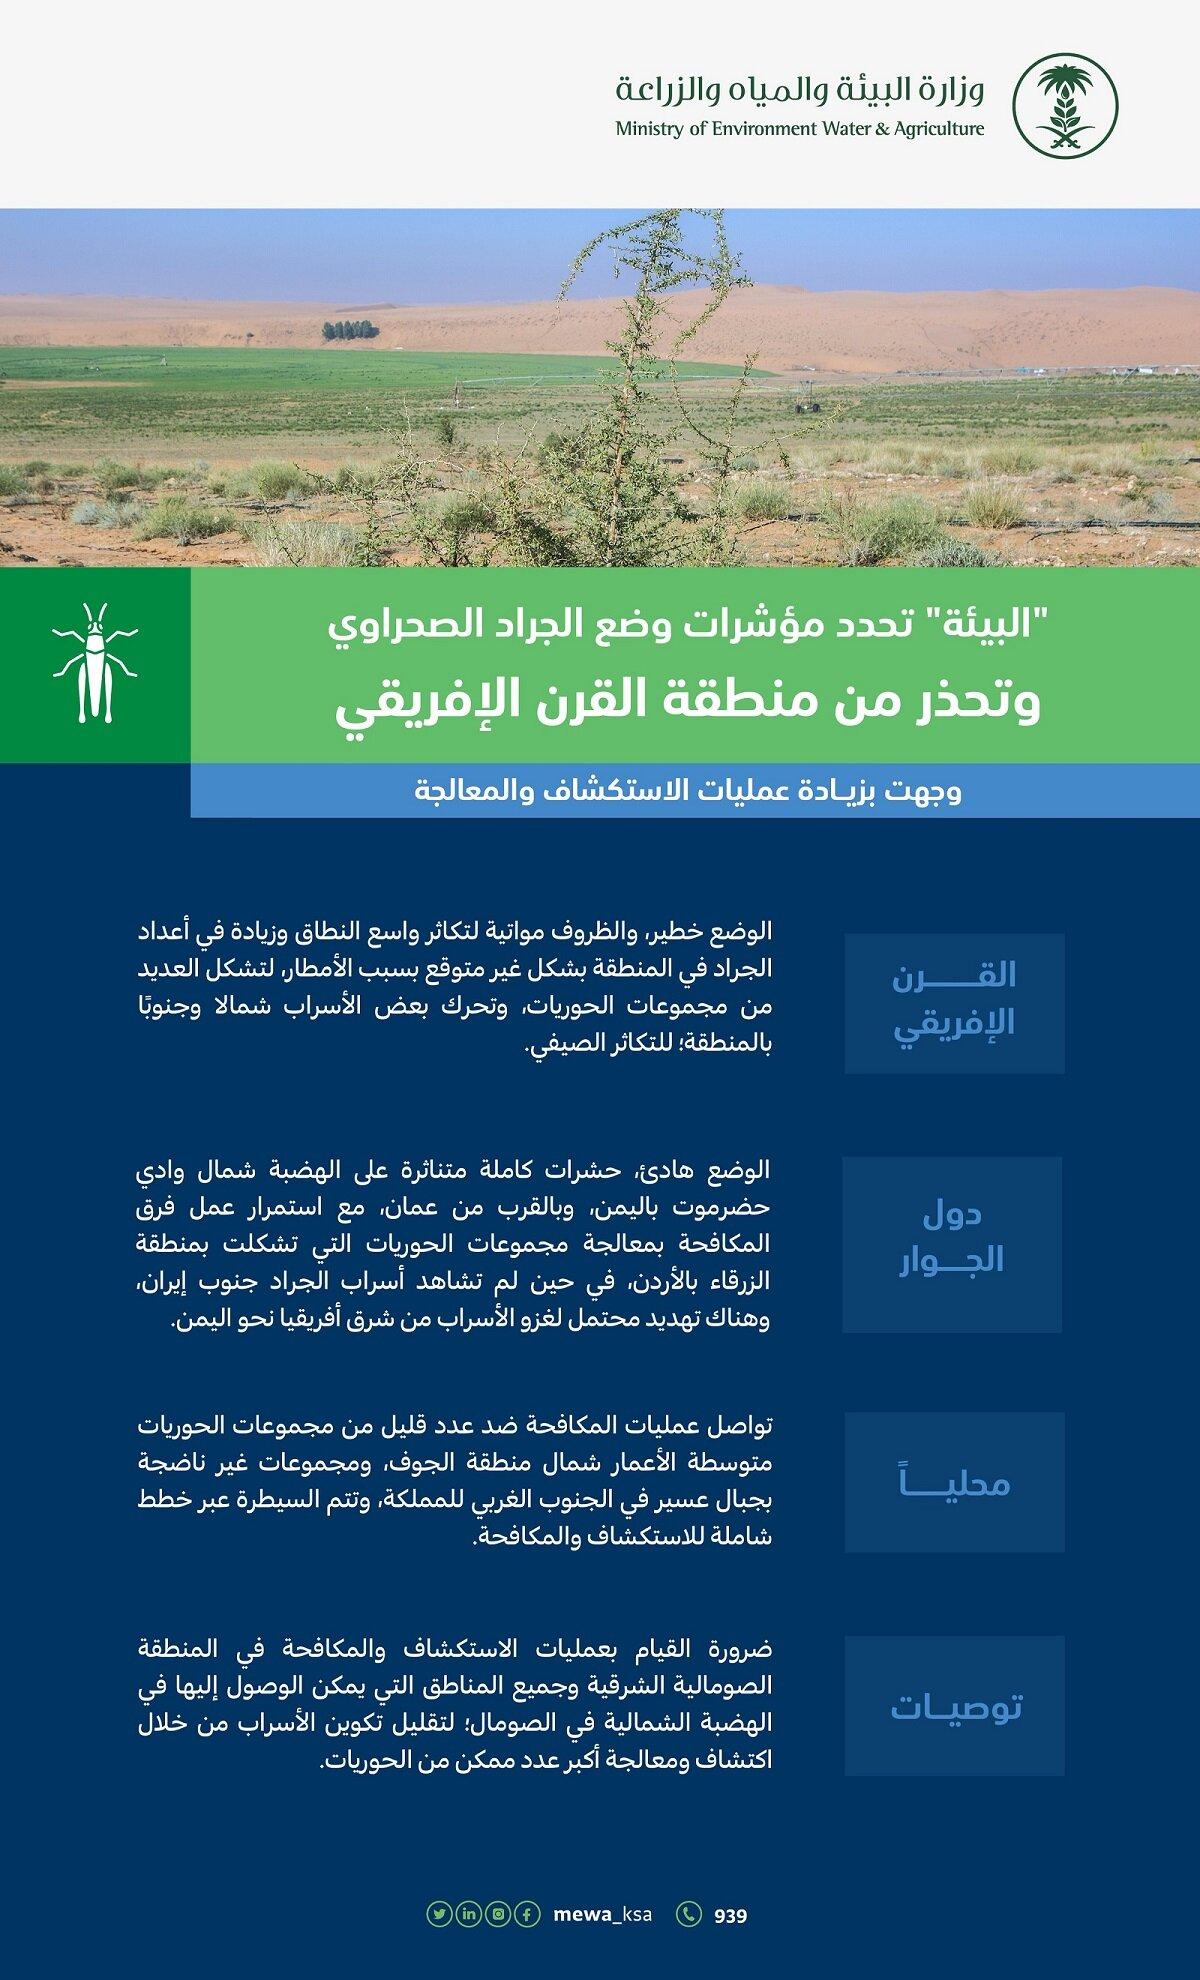 وزارة البيئة السعودية تحدد مؤشرات وضع الجراد الصحراوي